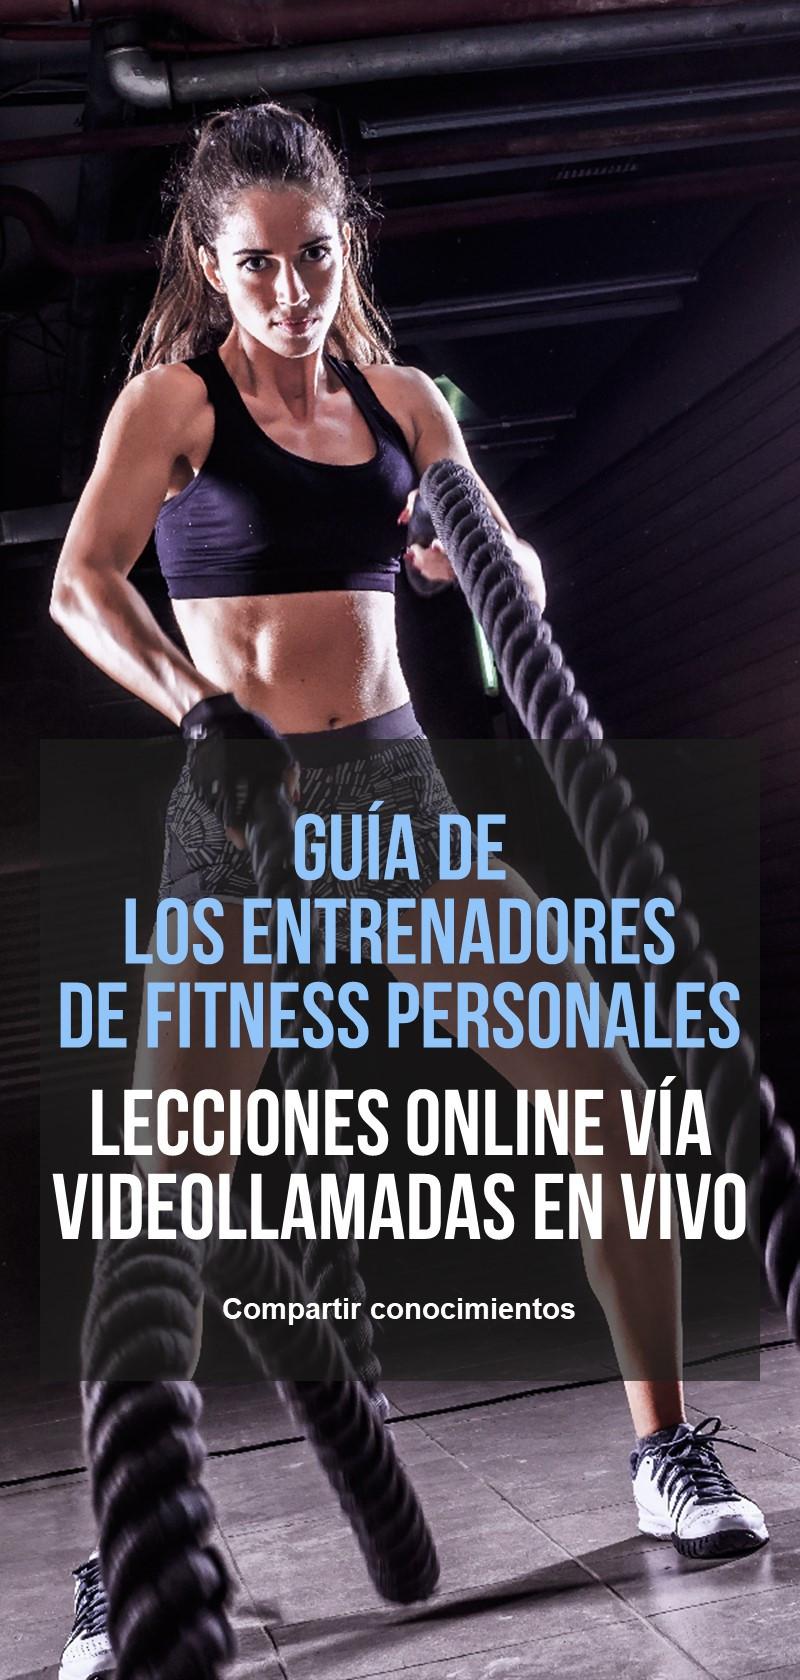 Entrenadores personales de fitness online